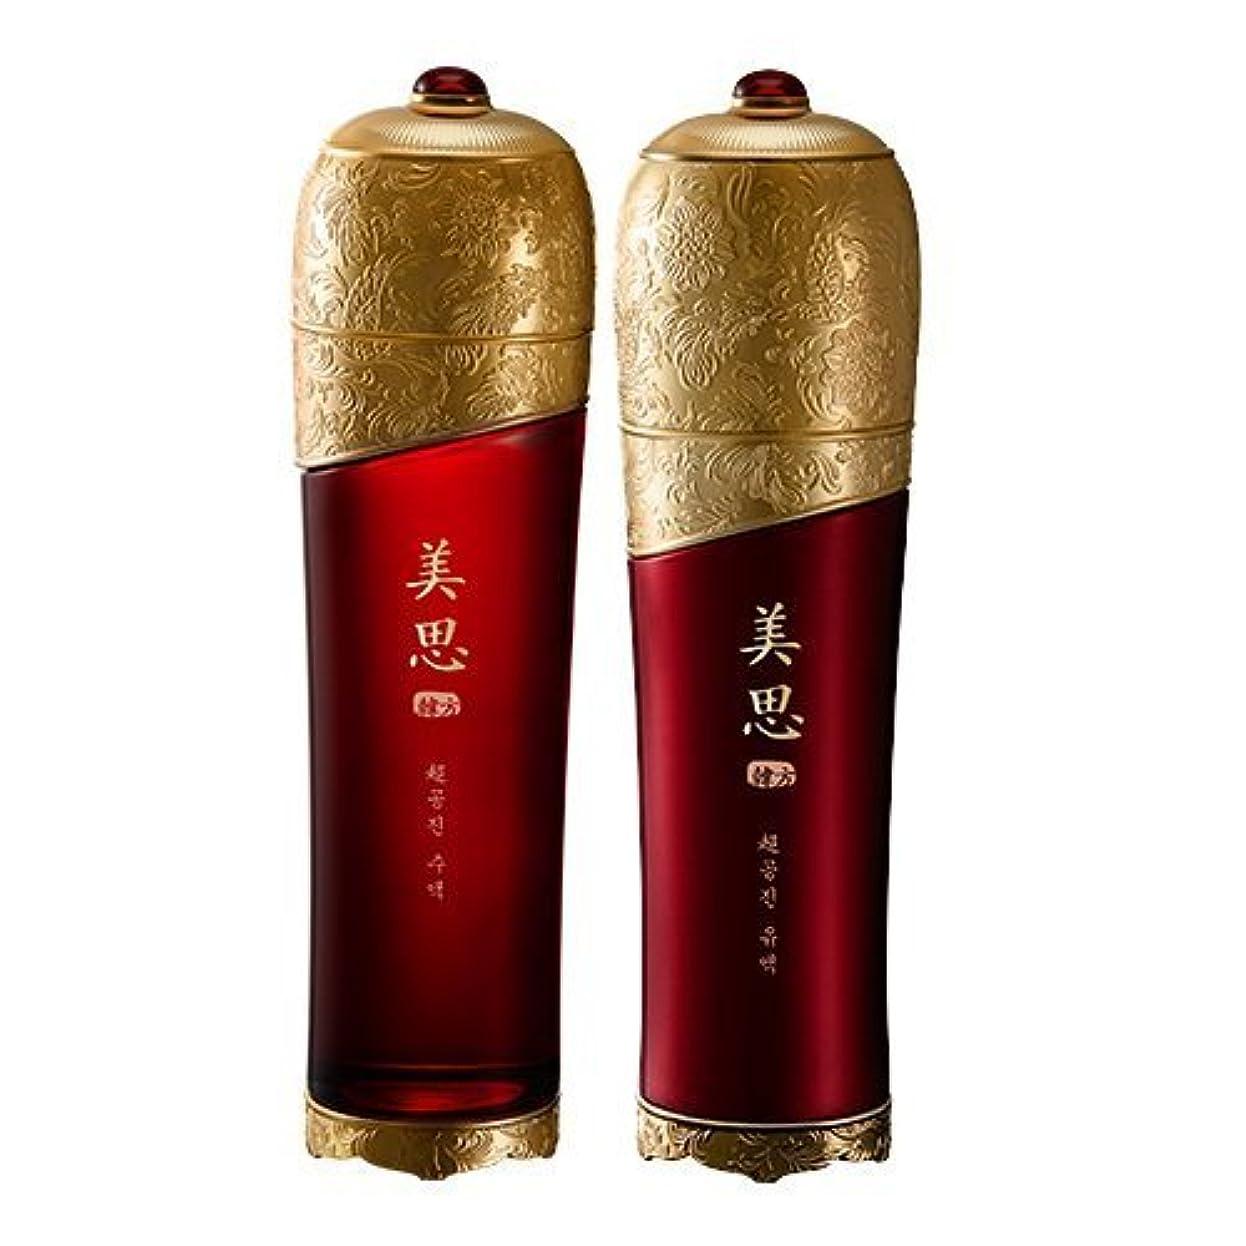 しわ調和原稿MISSHA(ミシャ) 美思 韓方 チョゴンジン 基礎化粧品 スキンケア 化粧水+乳液=お得2種Set